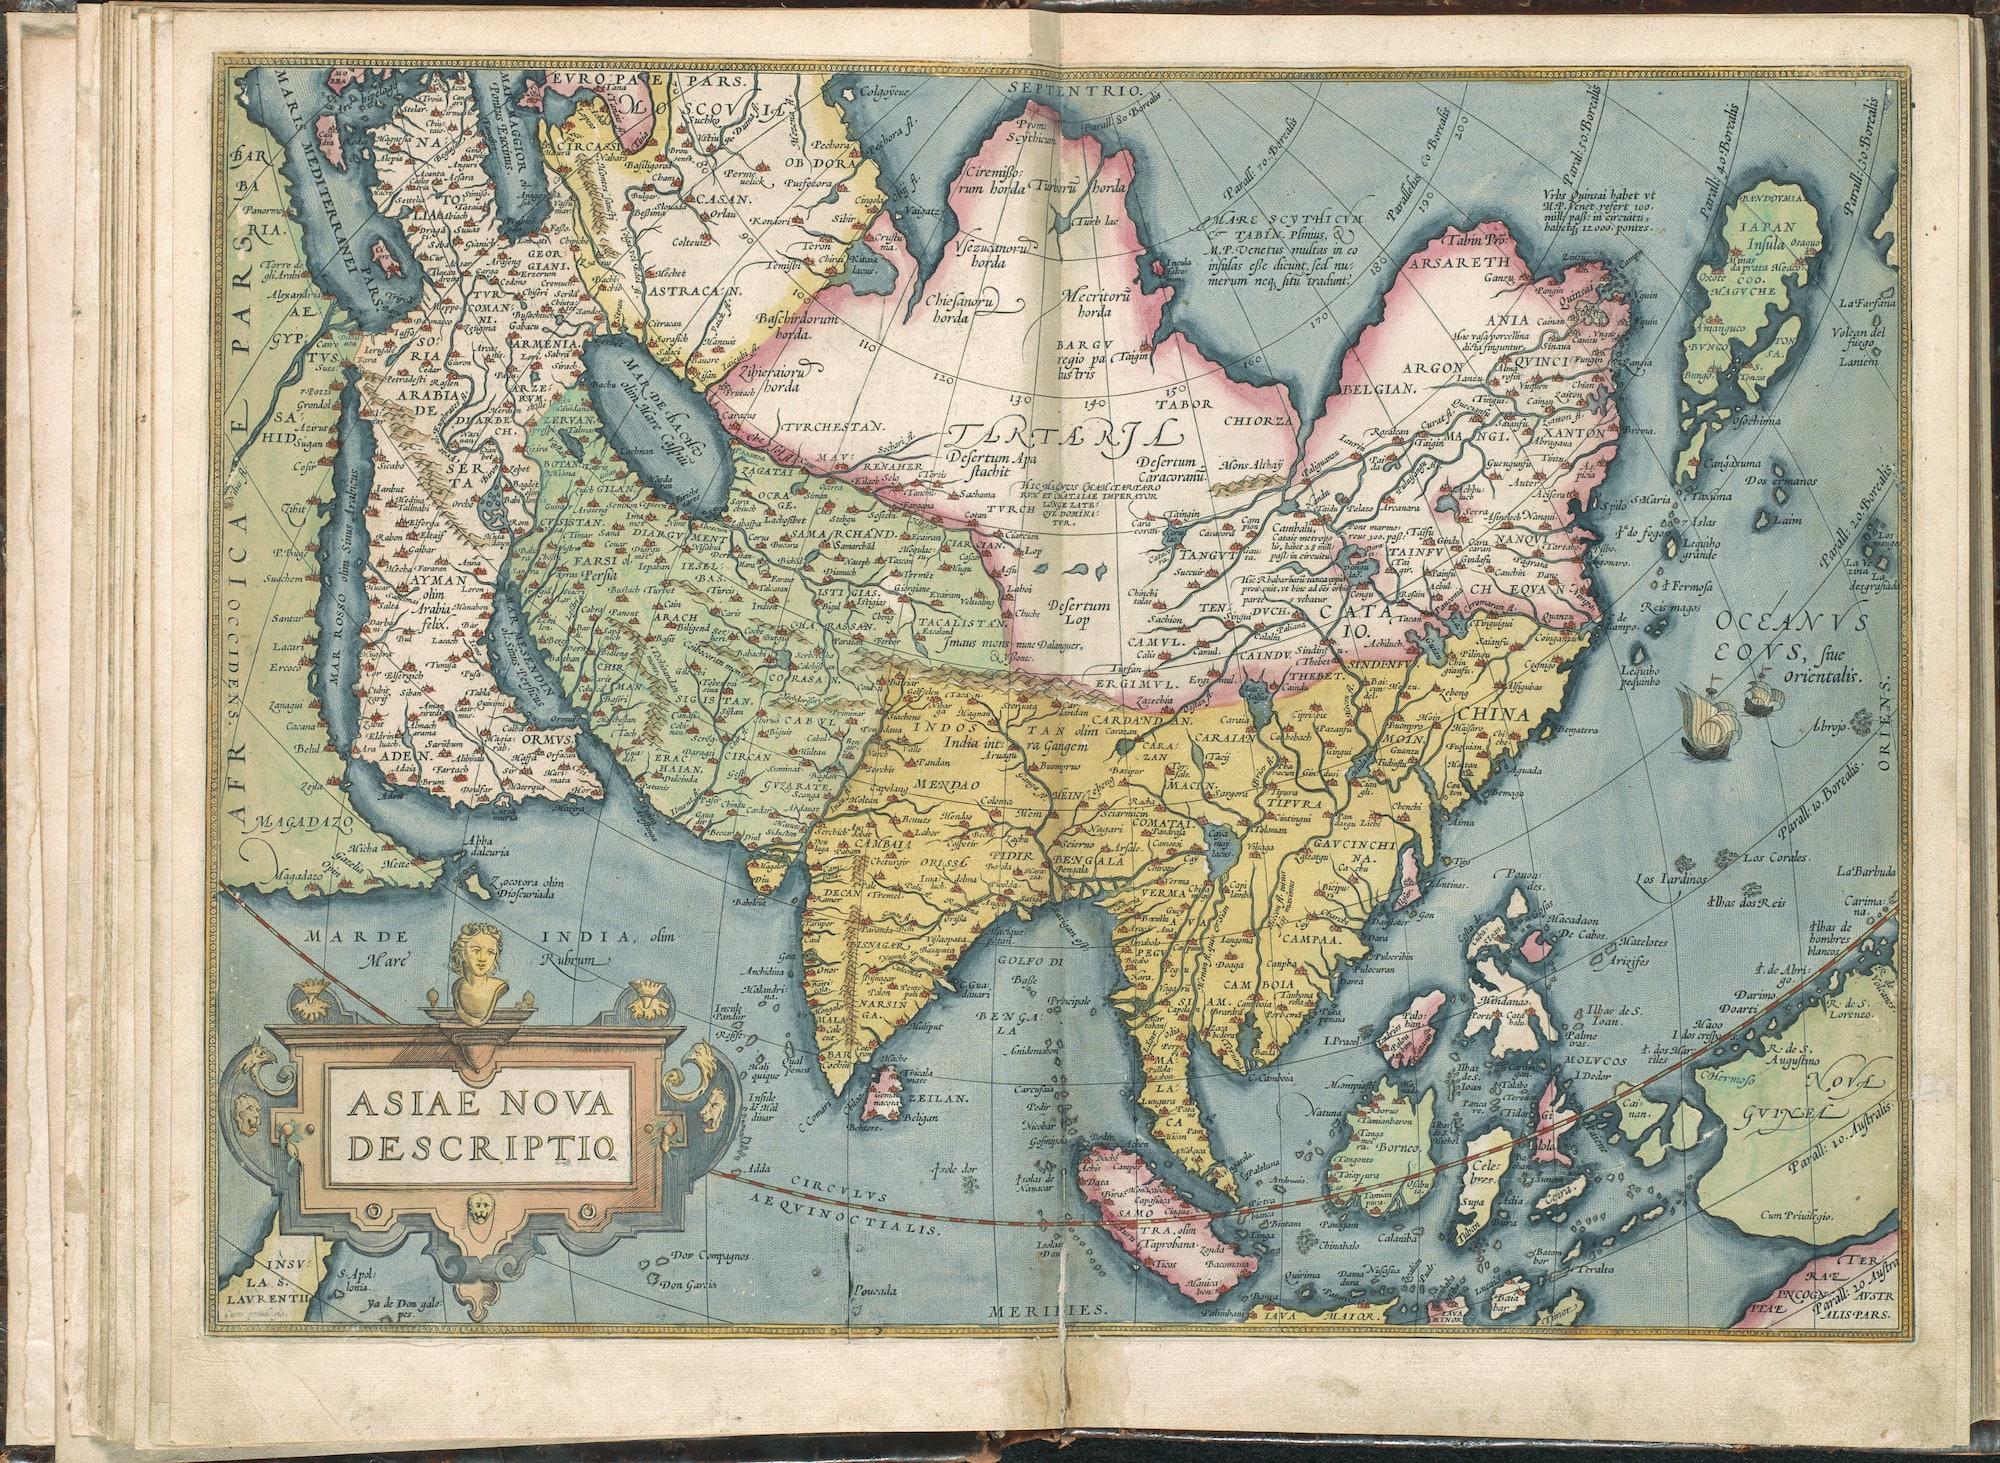 Abraham Ortelius map of Asia